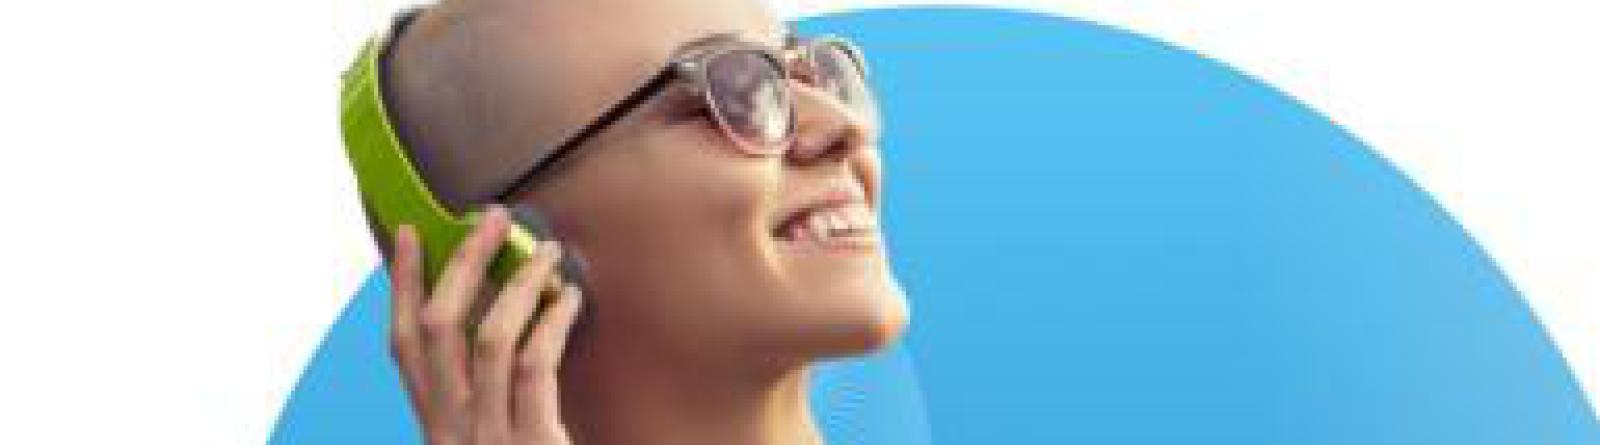 Tumori: Alexa informami, sugli smart speaker il supporto ai pazienti